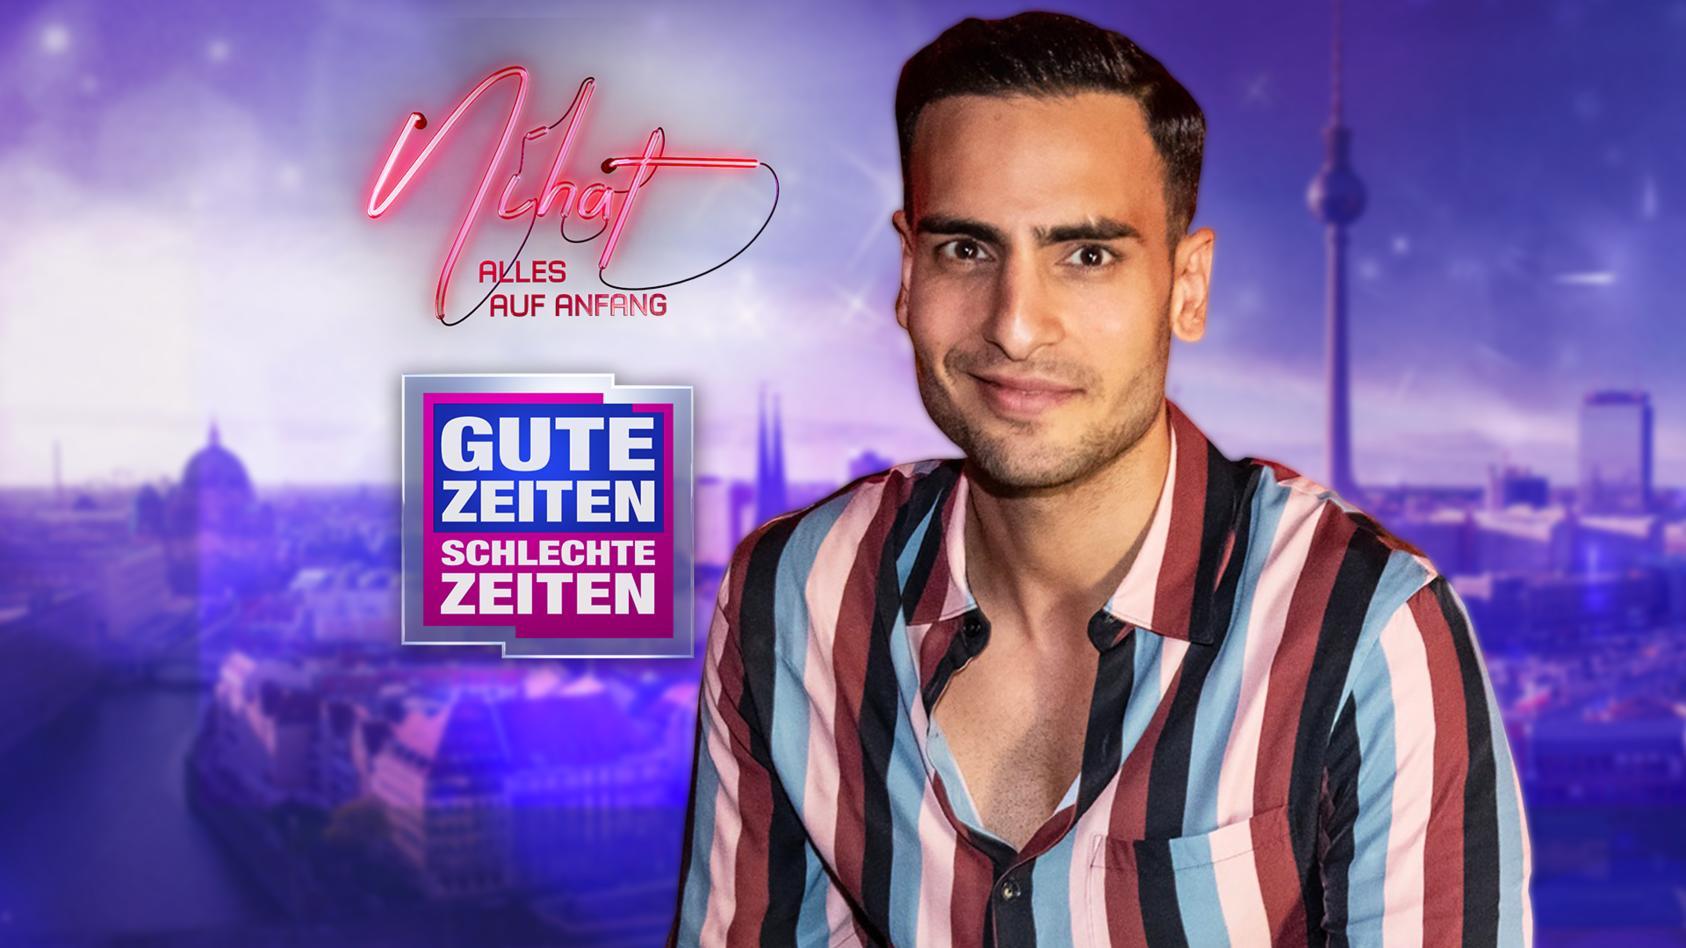 """Timur Ülker spricht im Livestream über seine erste eigene Serie, das GZSZ-Spin-off """"Nihat - Alles auf Anfang""""."""